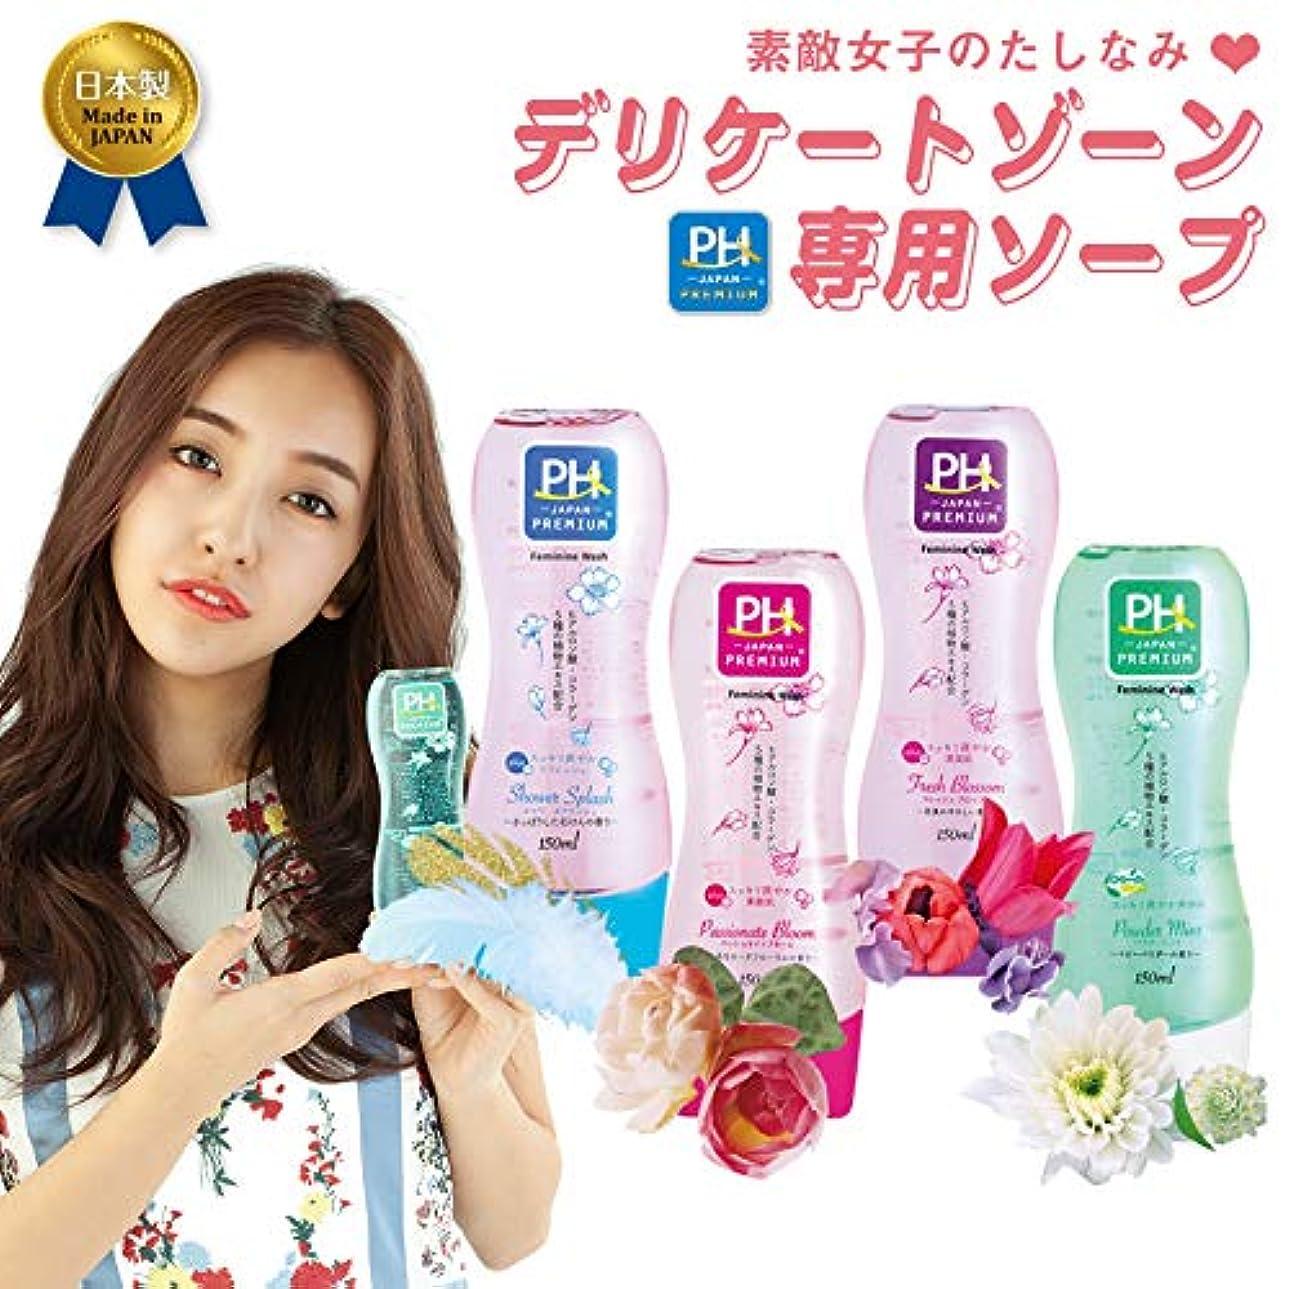 ウルル製造業家具シャワースプラッシュ4本セット PH JAPAN フェミニンウォッシュ